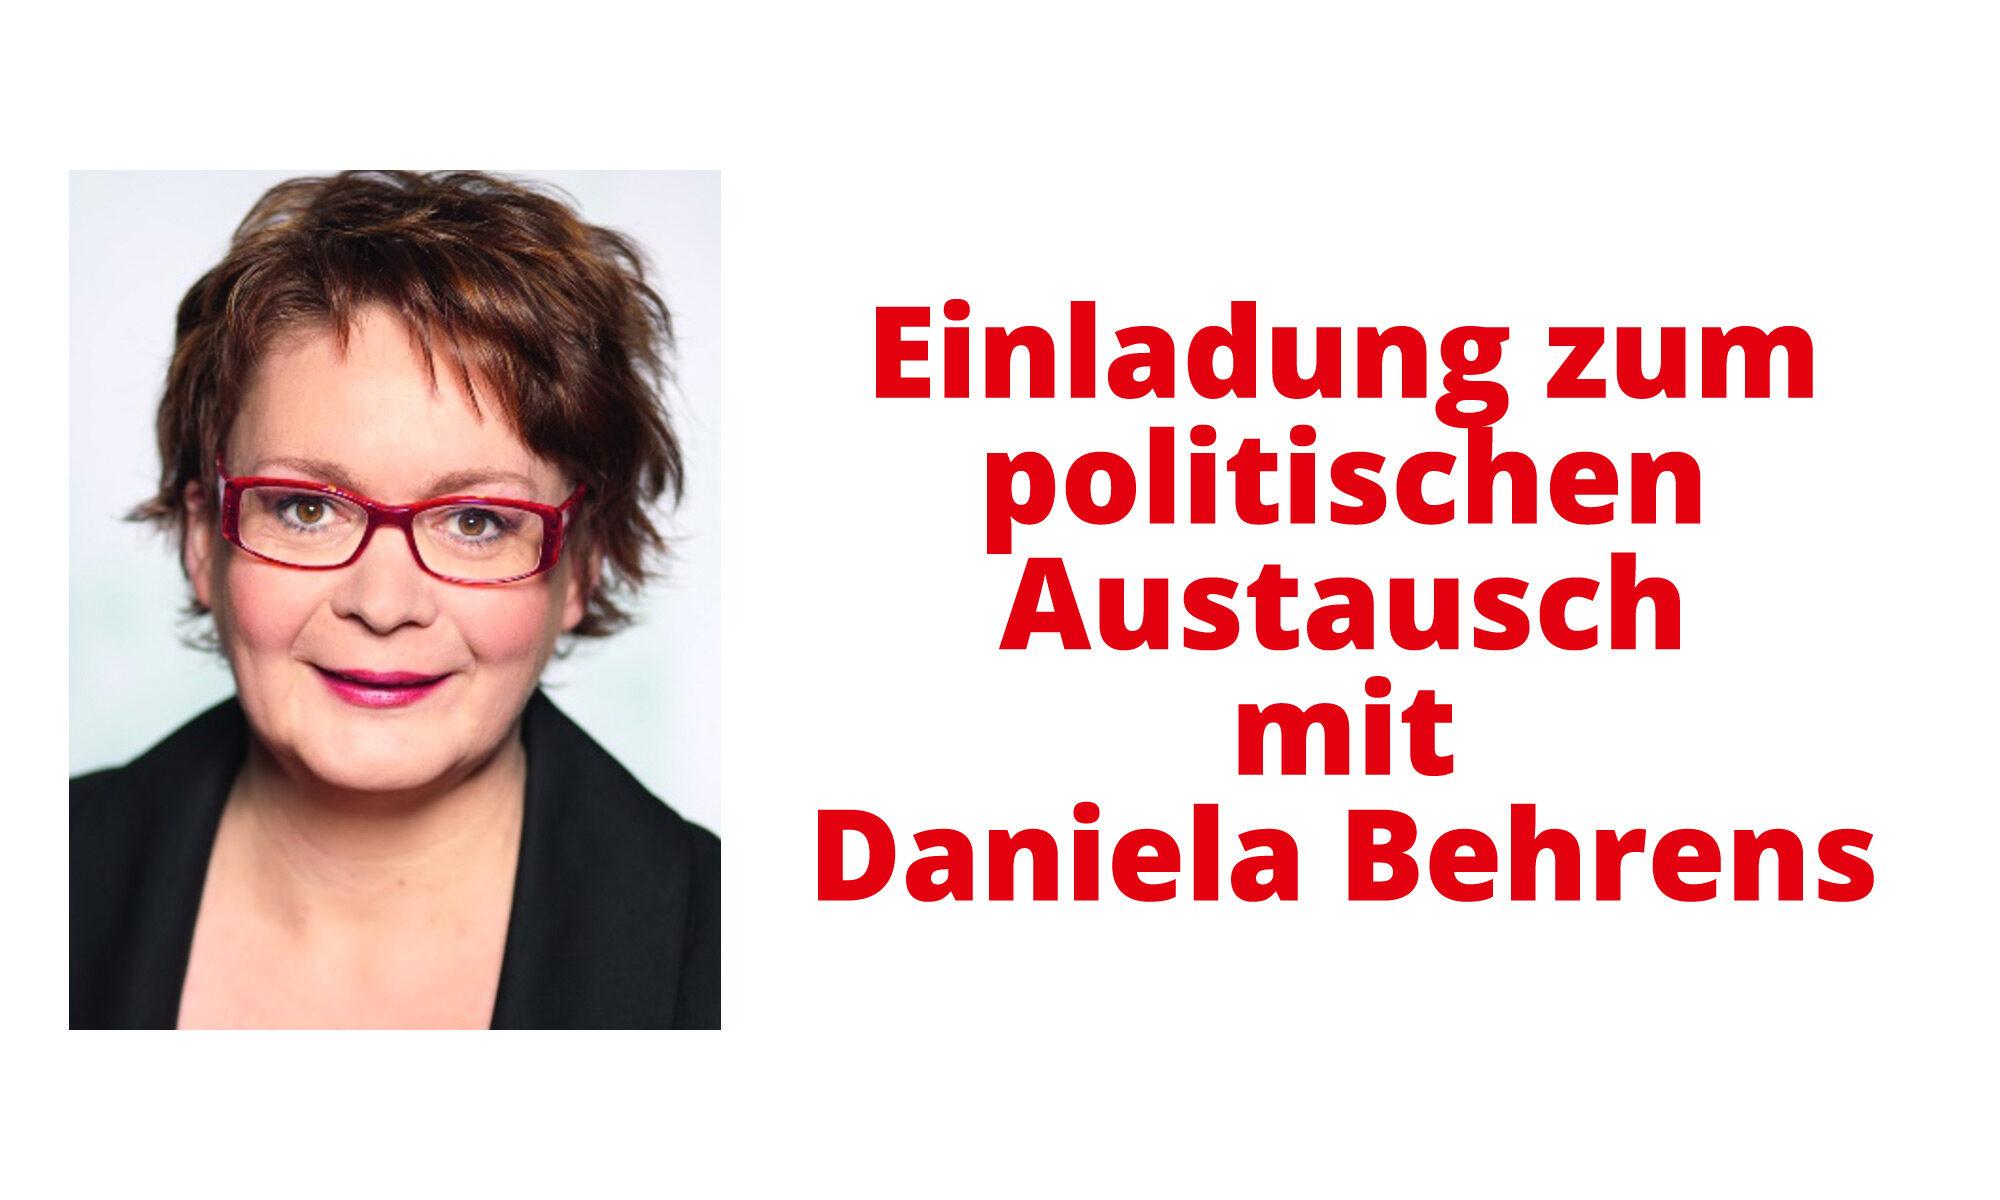 Einladung zum politischen Austausch mit Daniela Behrens